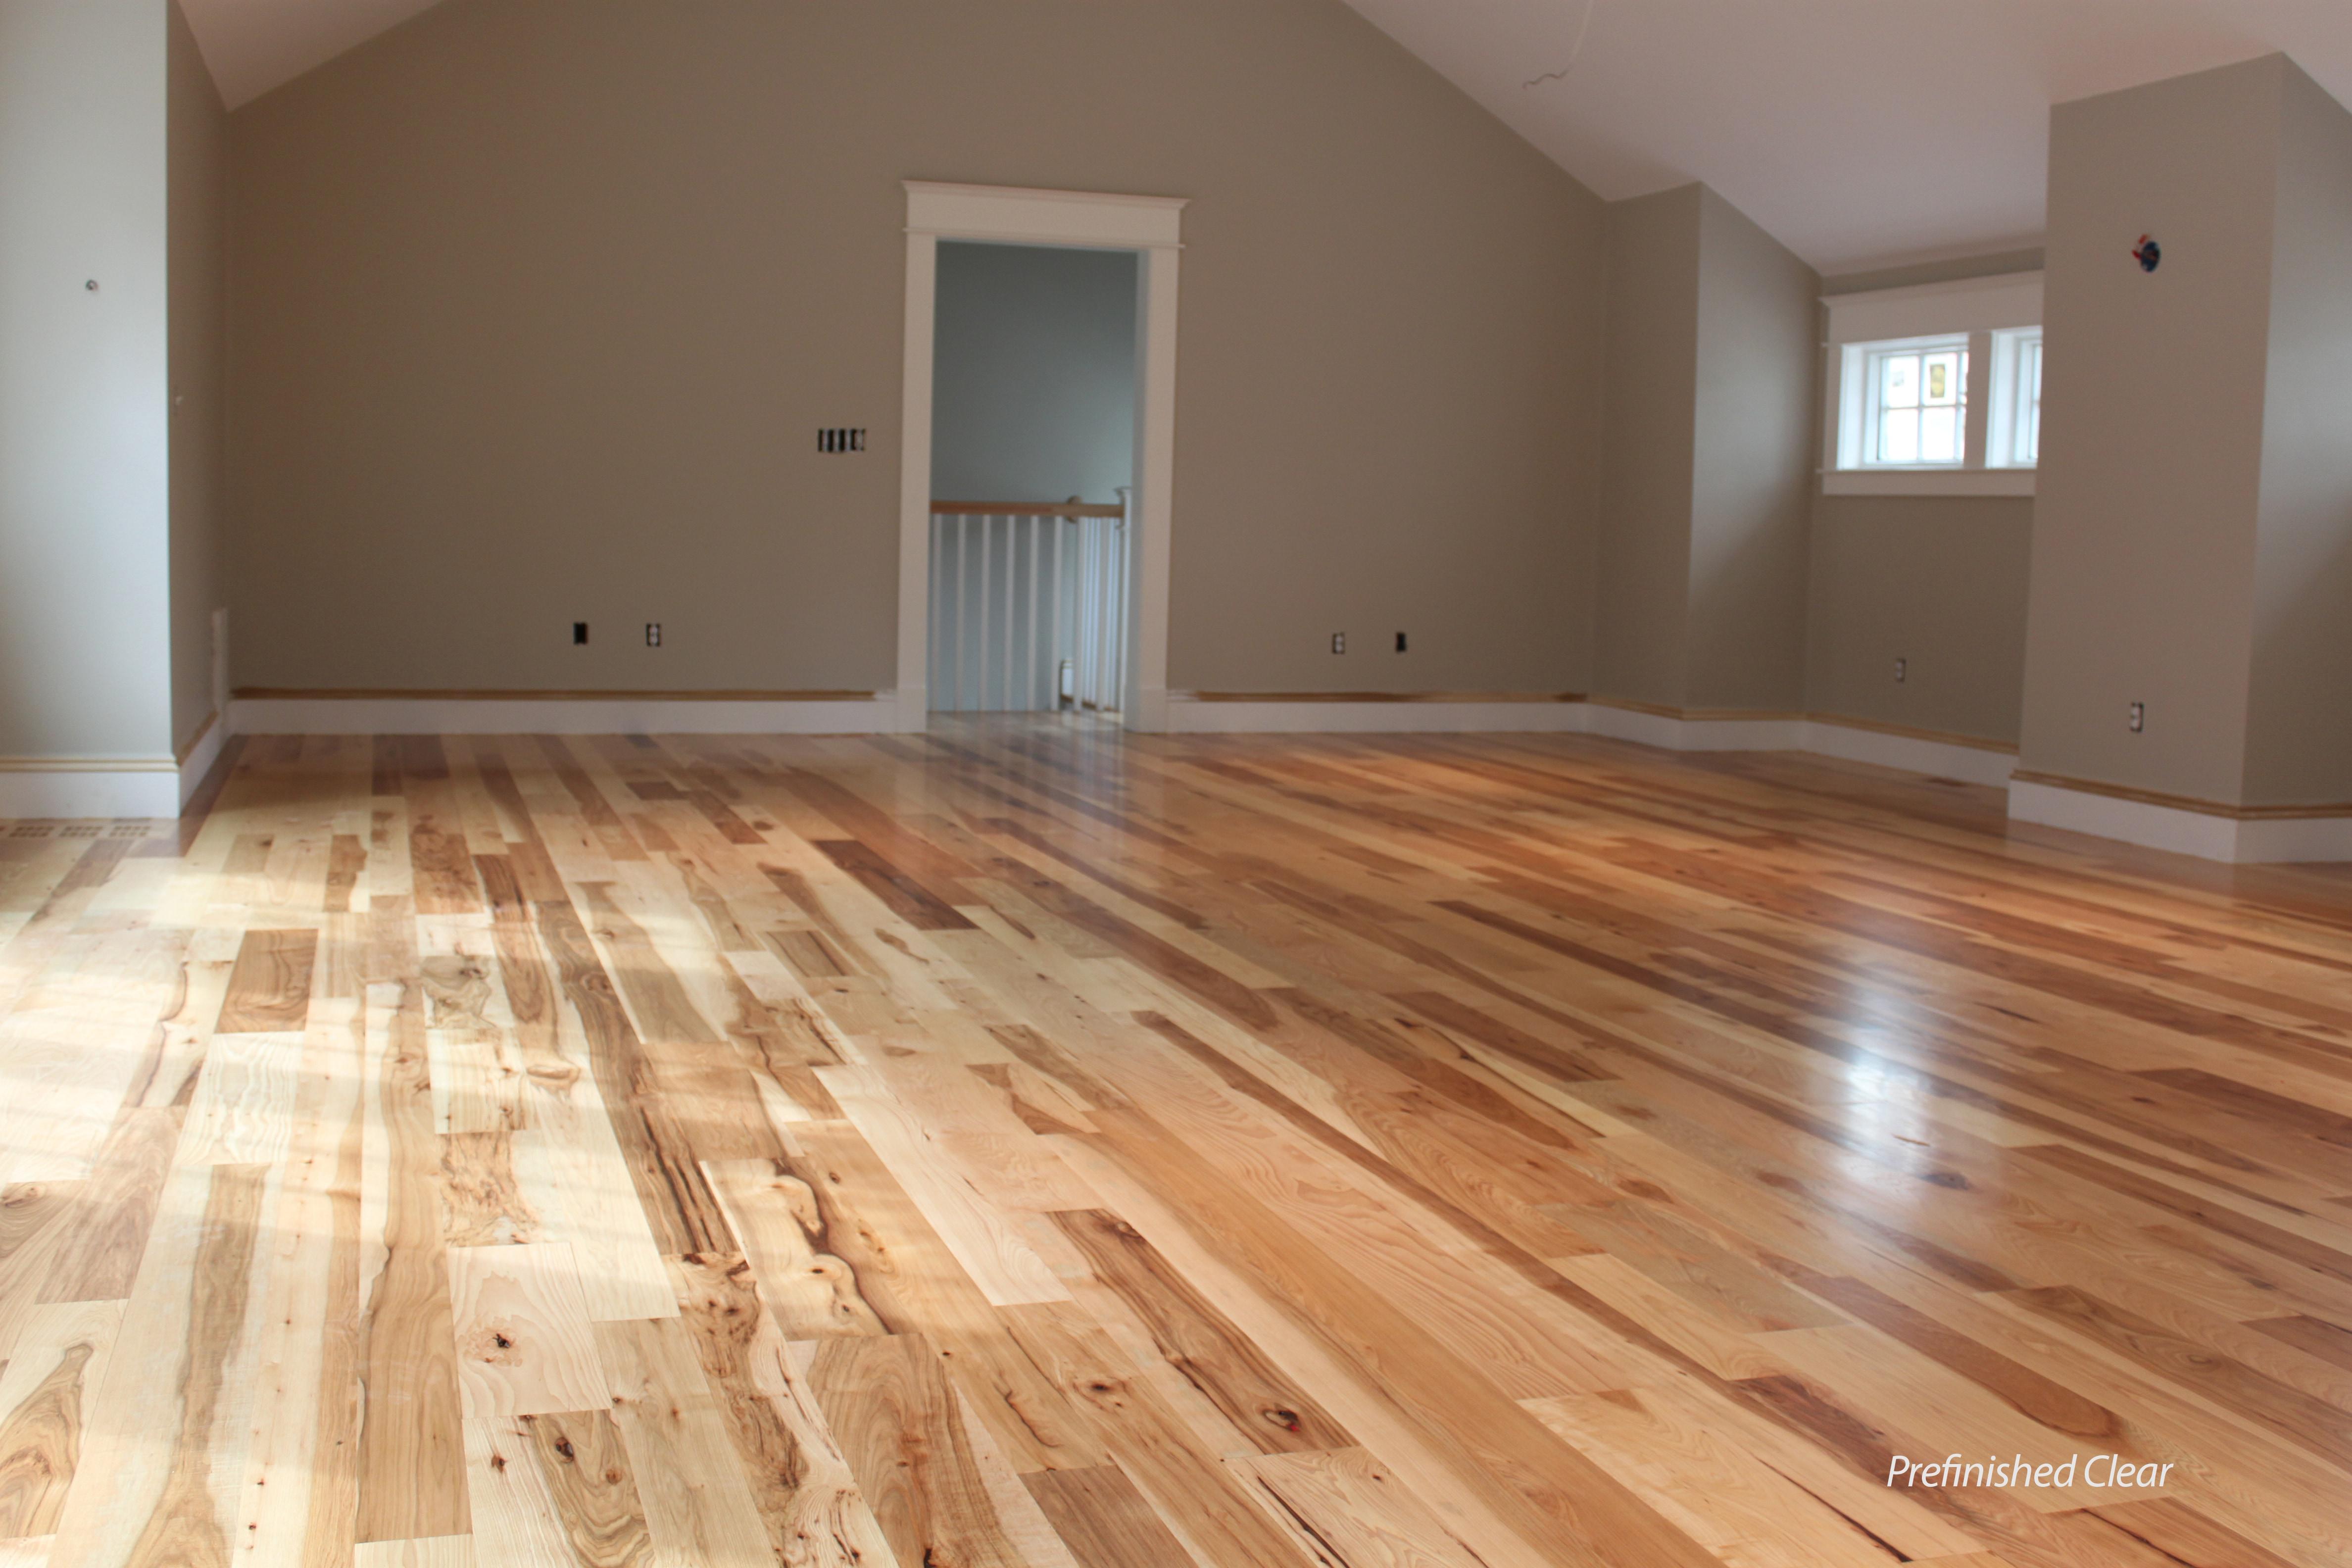 hickory wide my custom milwaukee wi floors miwlaukee hardwood milwuakee plank floor